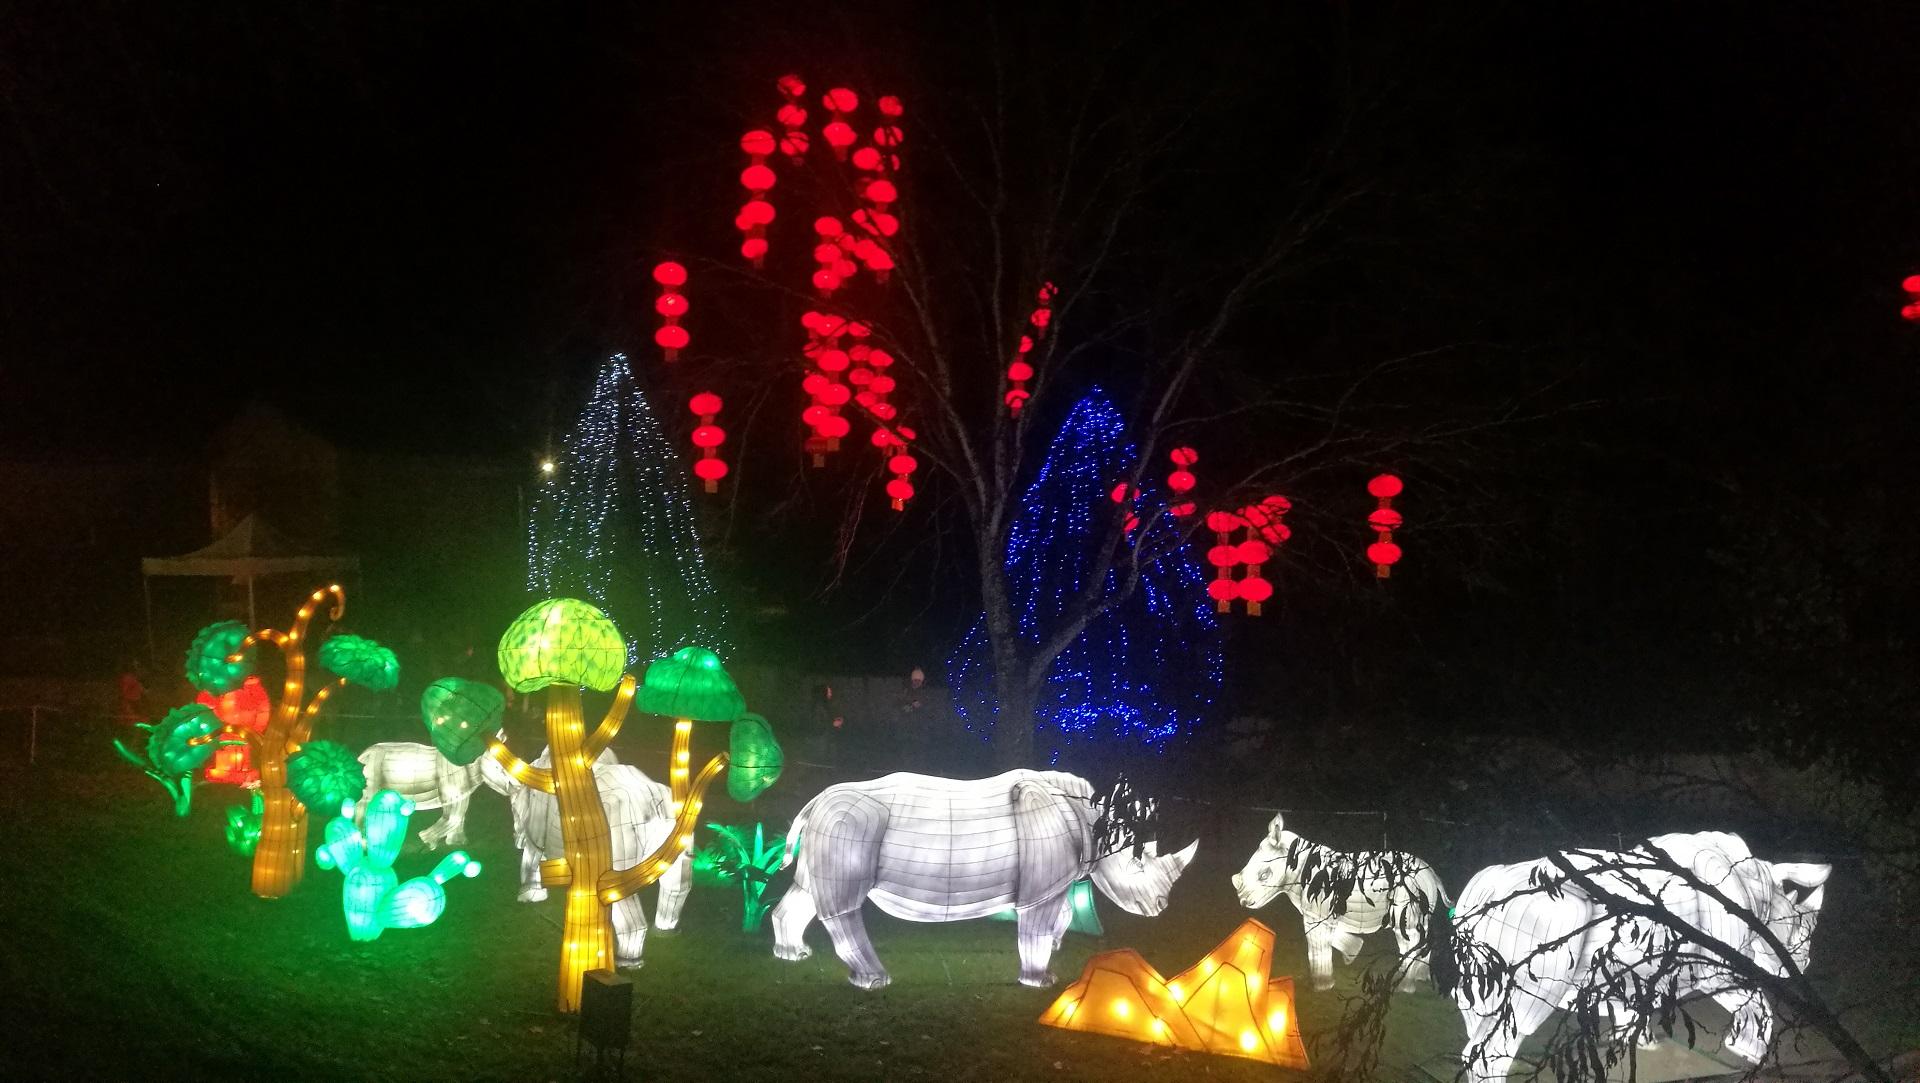 Rhinocéros Festival des lanternes Gaillac